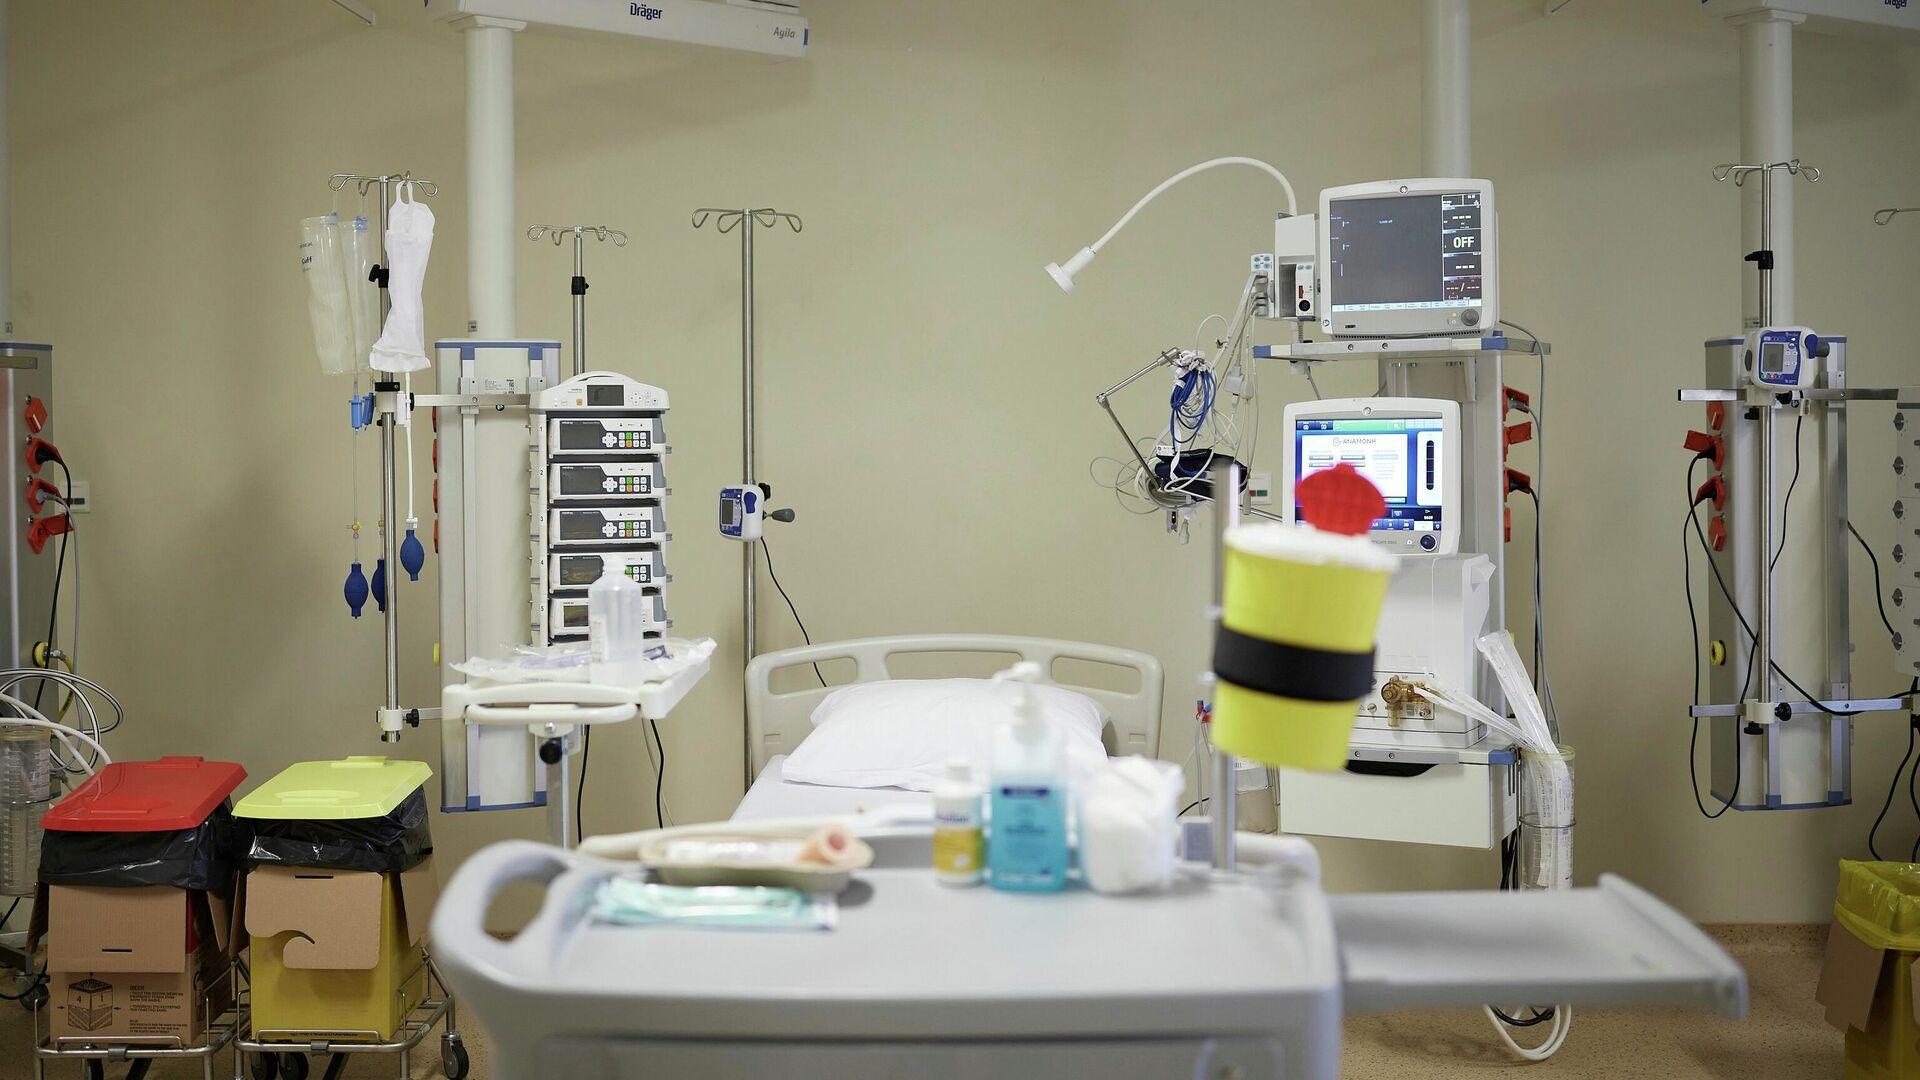 Ο Κυριάκος Μητσοτάκης στο Γενικό Νοσοκομείο Χαλκίδας - Sputnik Ελλάδα, 1920, 06.10.2021